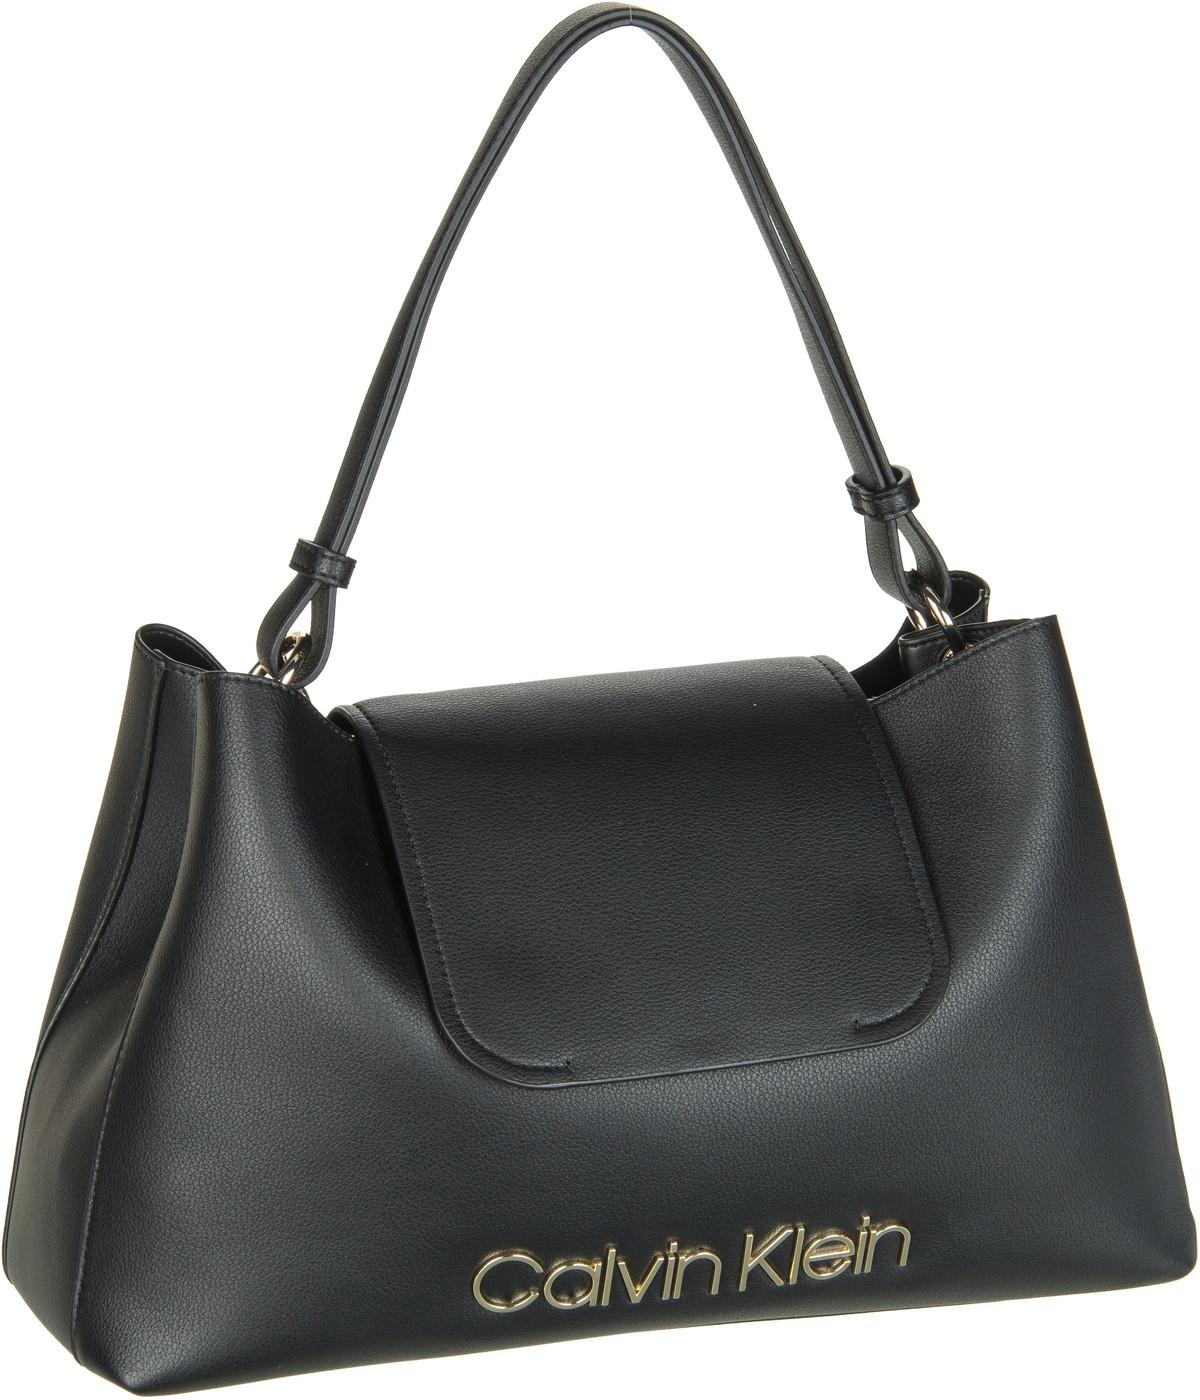 Handtasche Dressed Up Top Handle Black